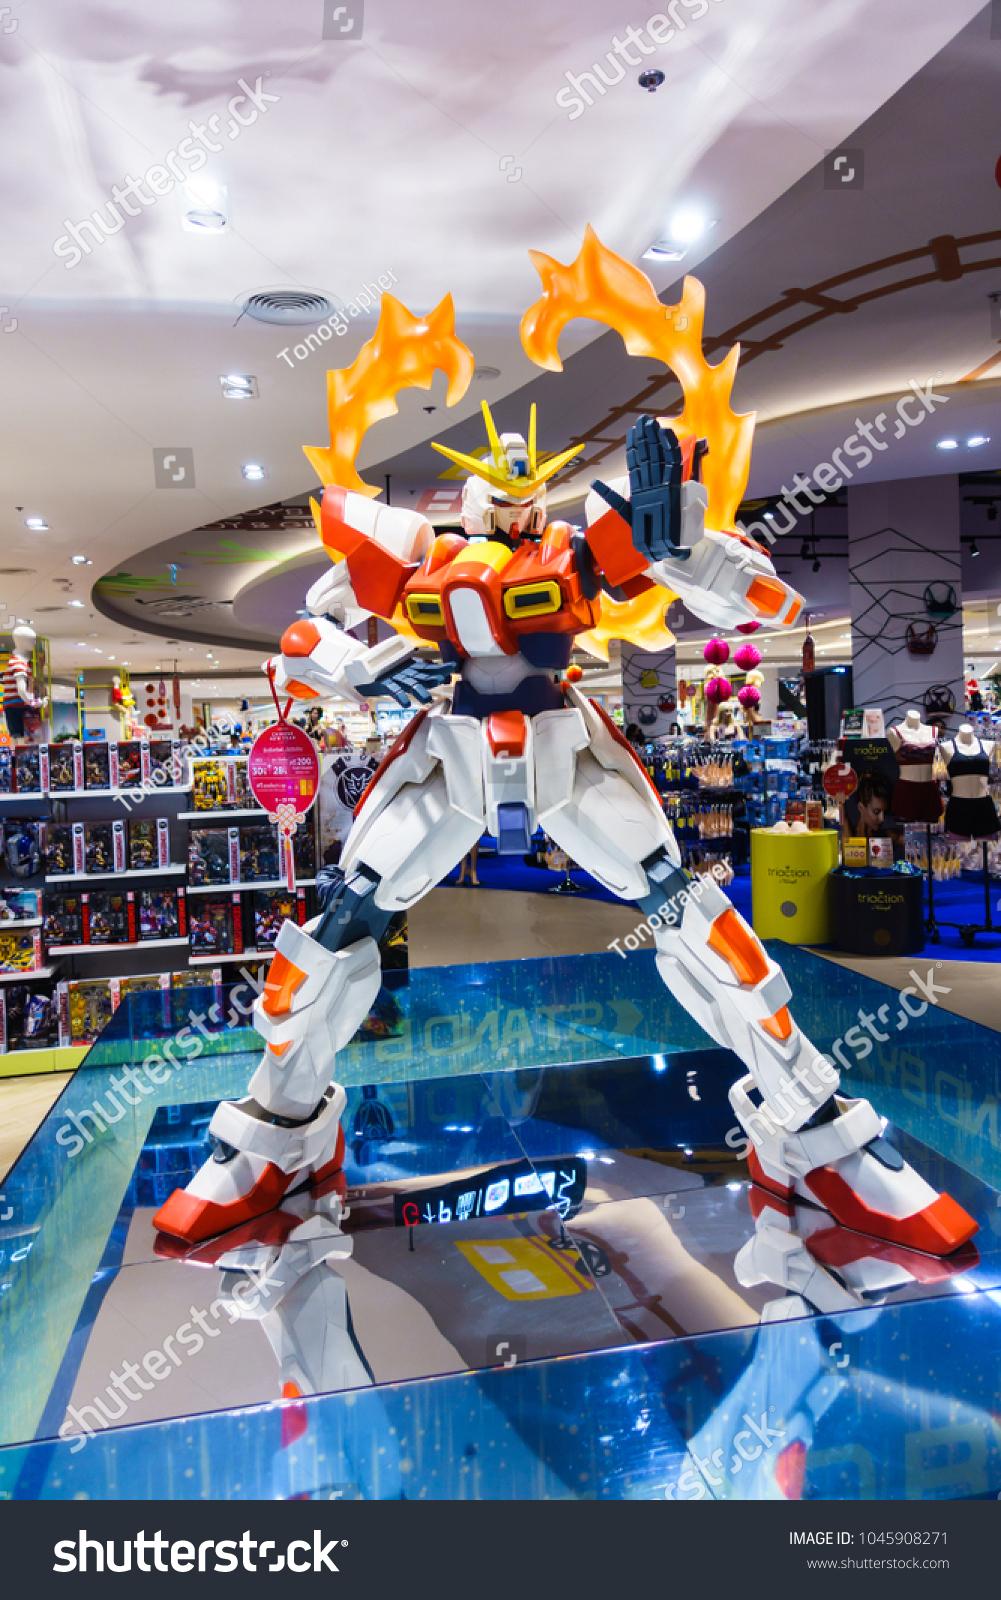 Nakonratchasima Thailand 02 February 2018 Bandai Stock Photo Edit Try Burning Gundam Hobby Build